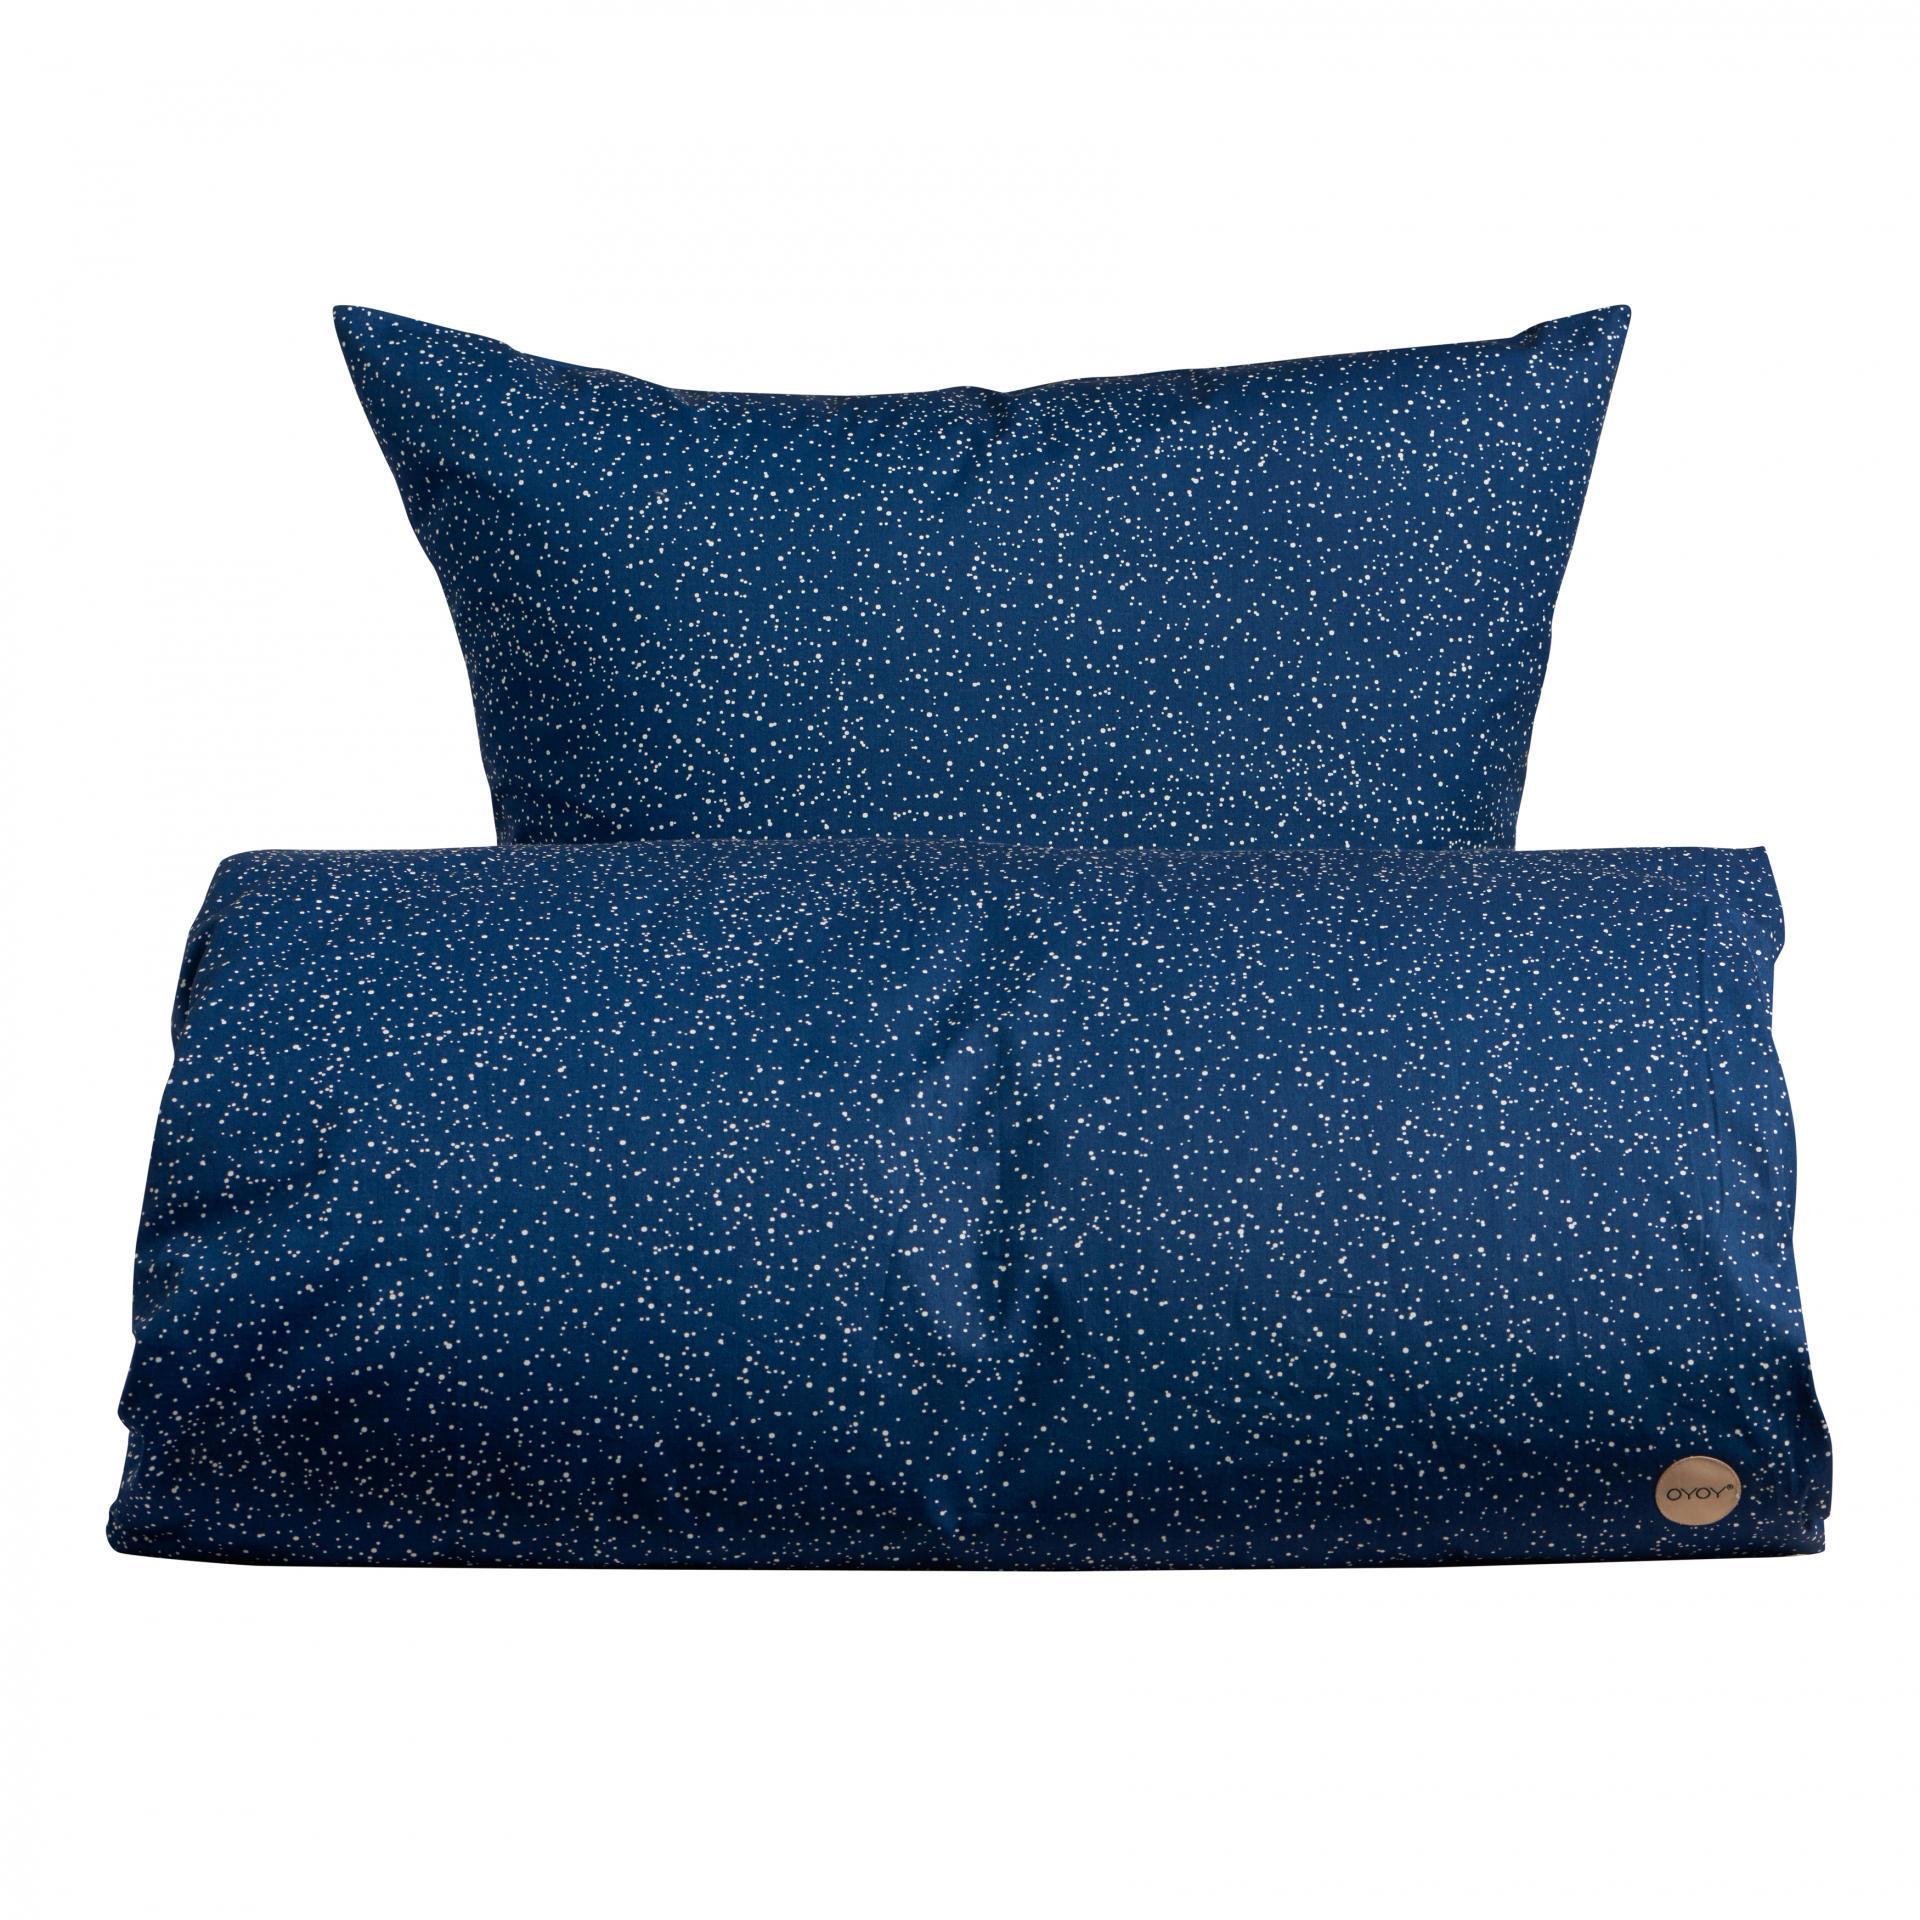 OYOY Povlečení na jednolůžko Starry Blue 140x200 cm, modrá barva, textil